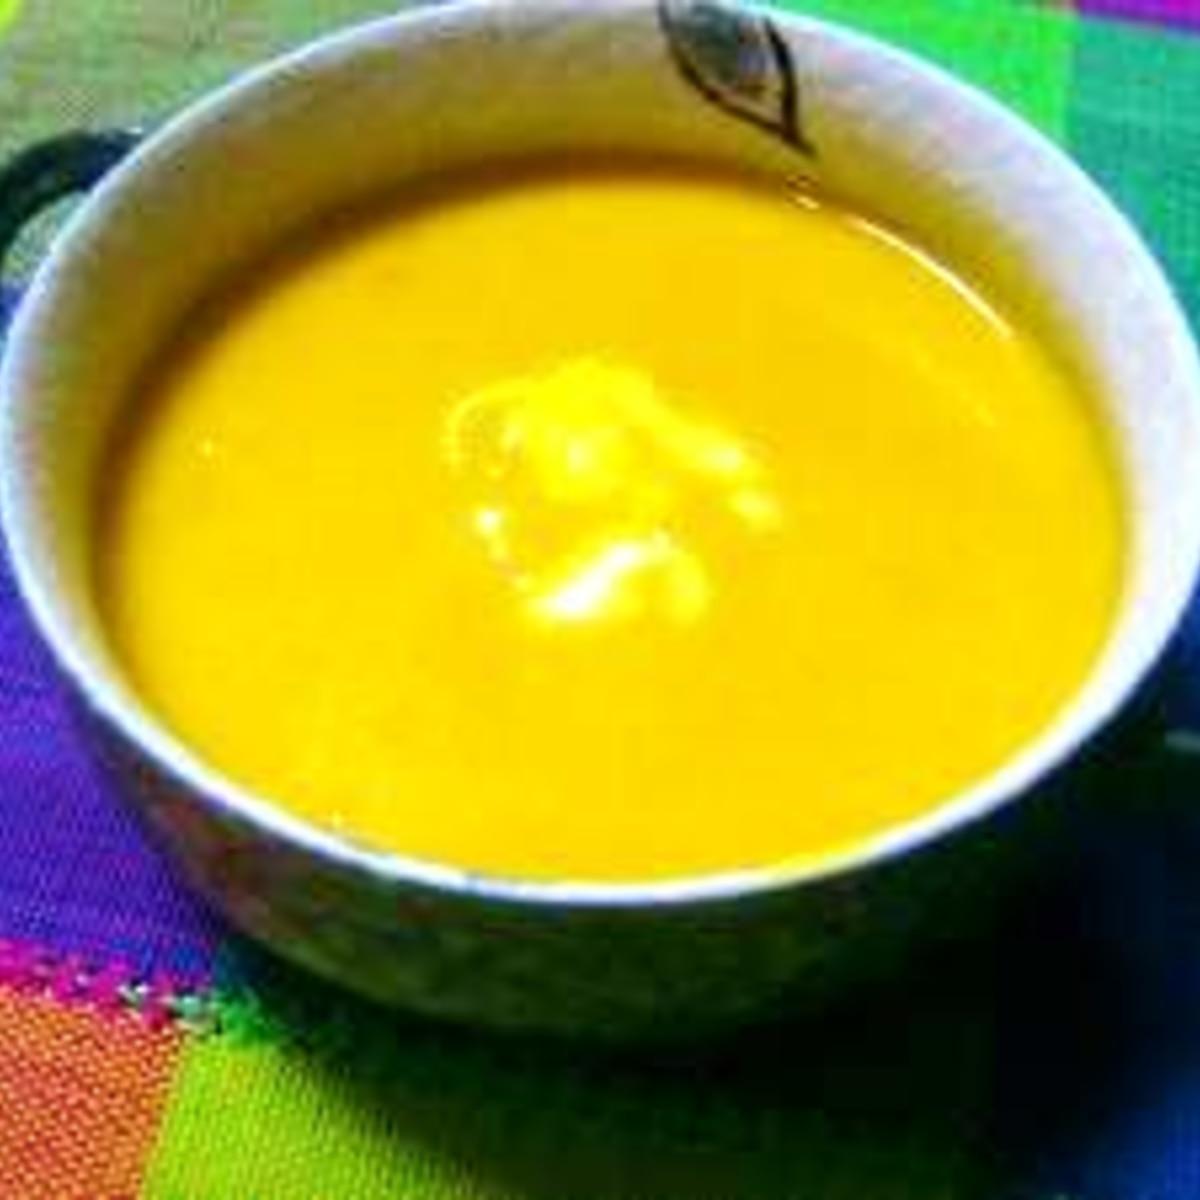 スープ ミキサー かぼちゃ つくれぽ1000 かぼちゃスープ・ポタージュレシピ人気1位~10位を簡単・ミキサーなしの作り方など紹介【クックパッド】